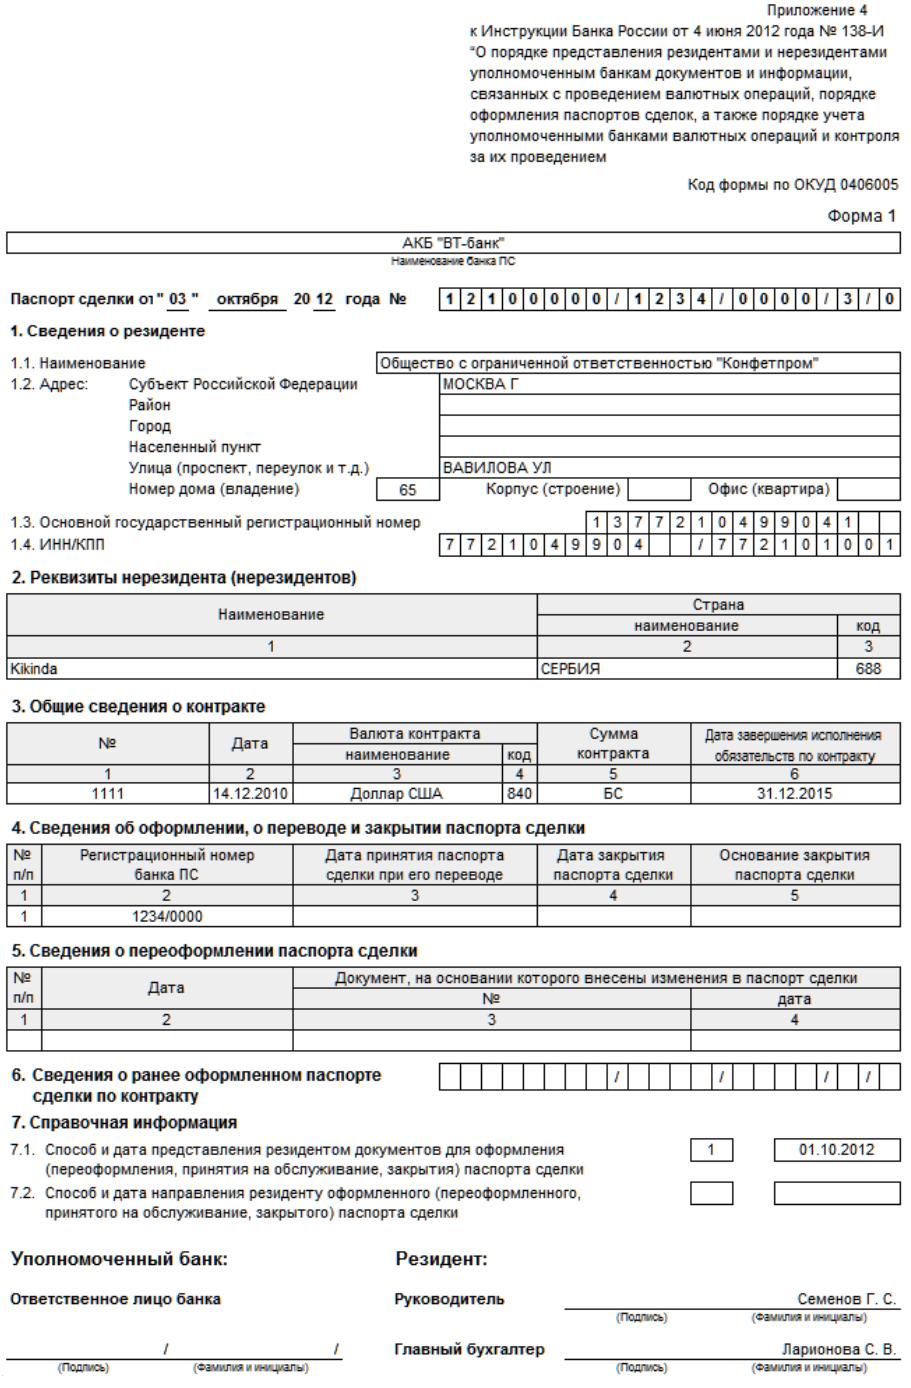 ps_form1_print_2012